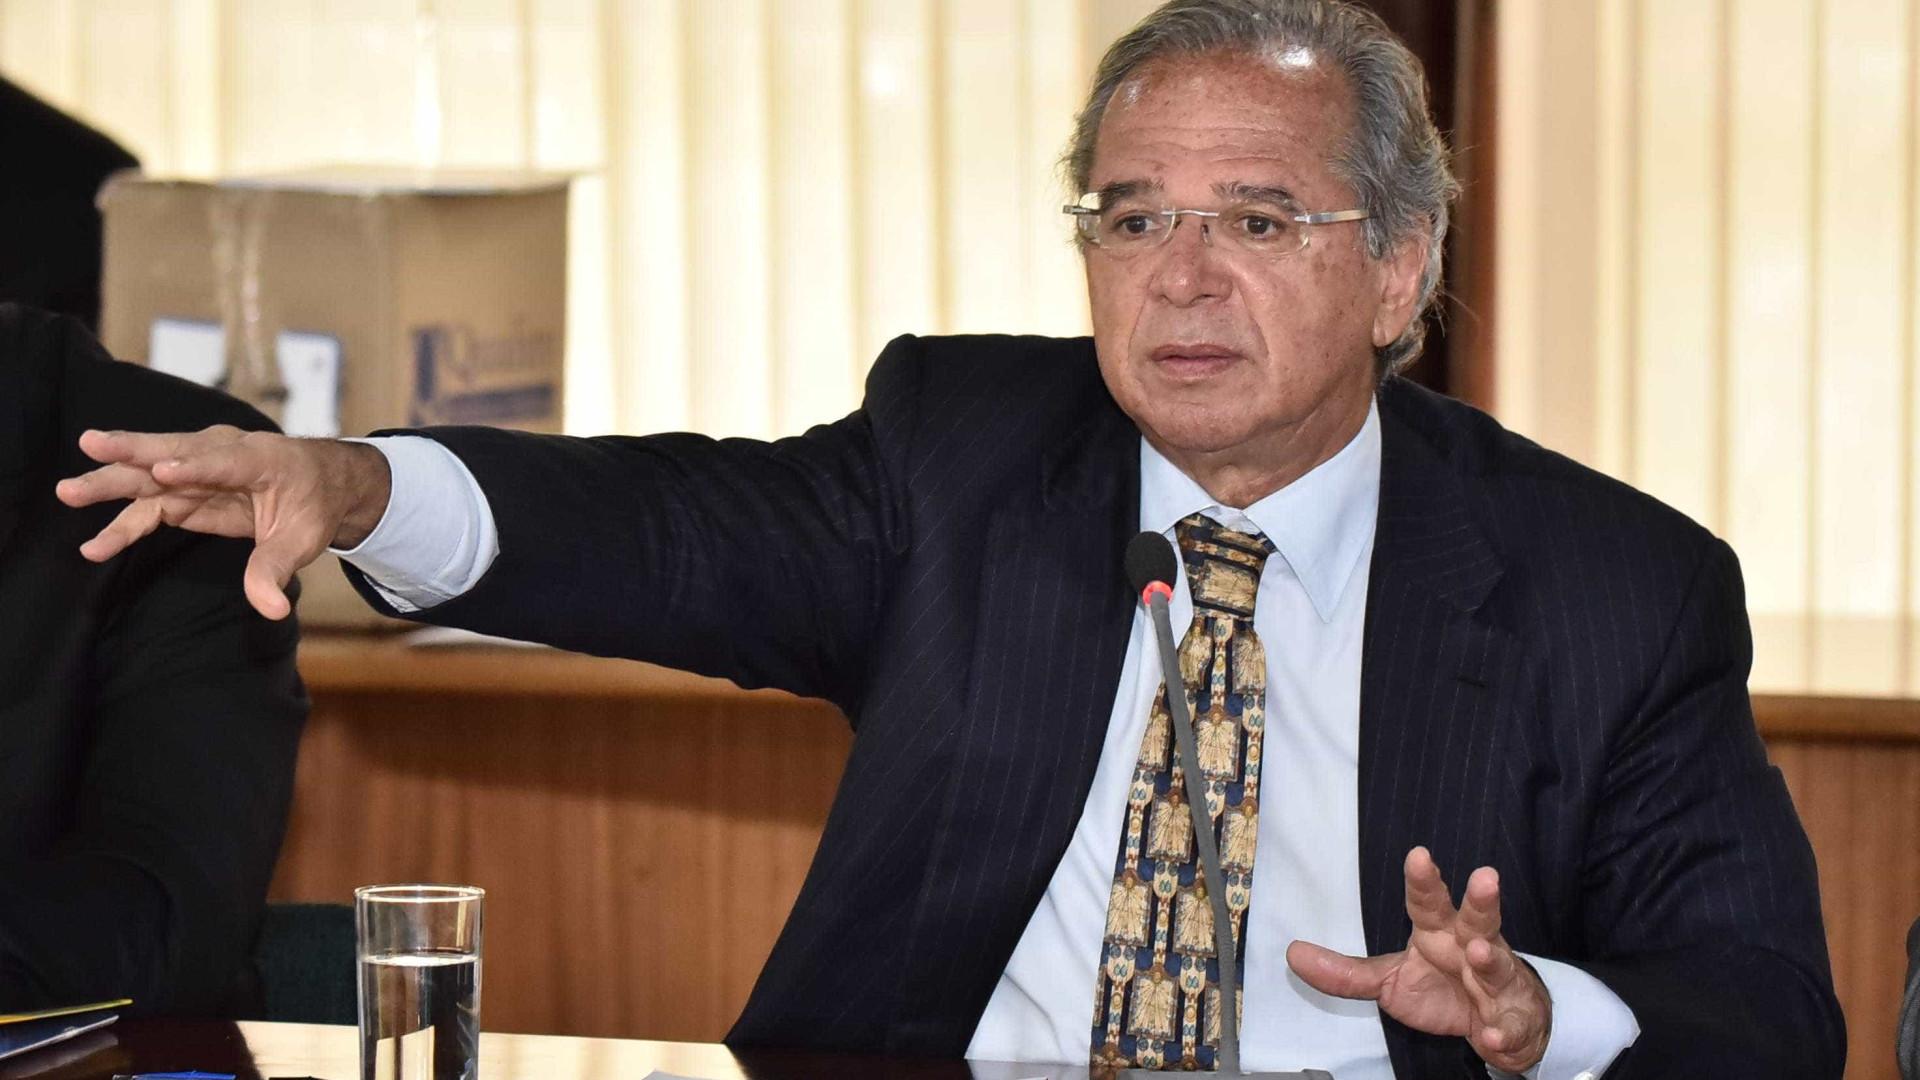 Equipes de Bolsonaro batem cabeça sobre reforma da Previdência